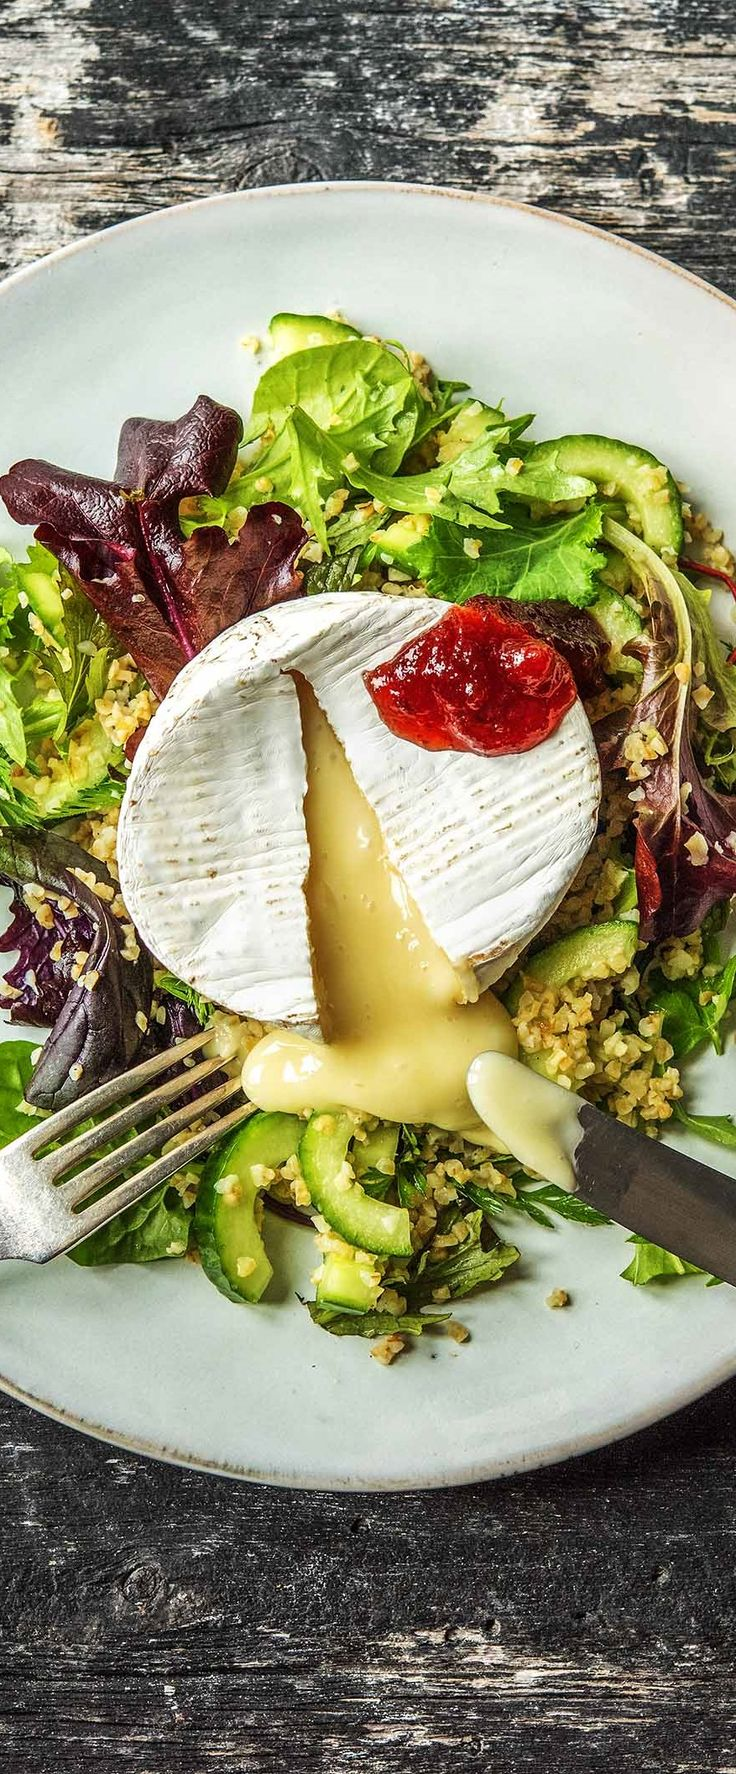 Ofen-Camembert mit Preiselbeermarmelade,auf geröstetem Bulgur-Wildkräuter-Salat  Käse / Veggie / Vegetarisch / Salat / Frisch / Gesund / Abnehmen